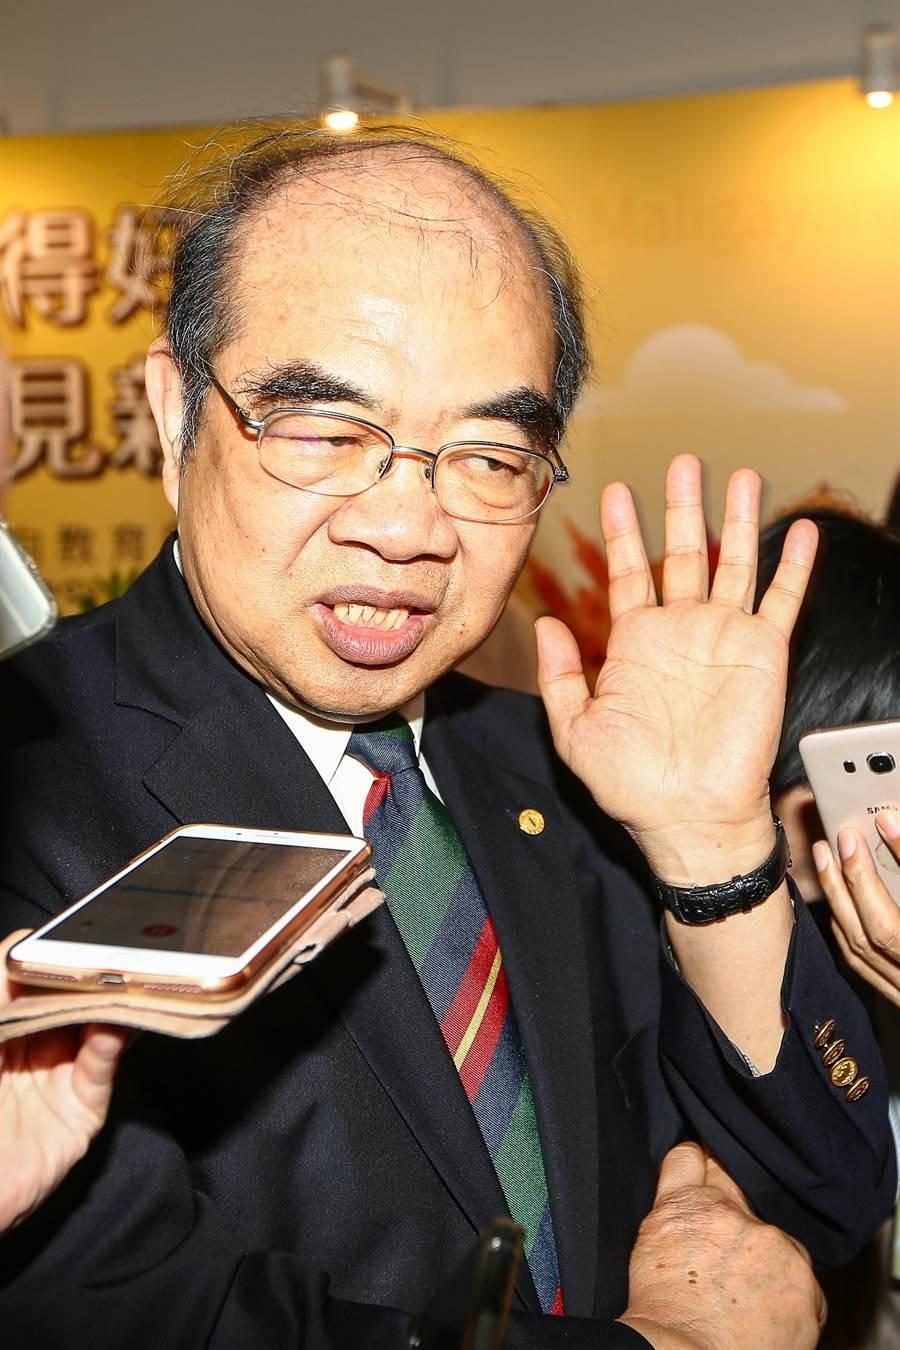 教育部長吳茂昆。(圖/本報資料照片)